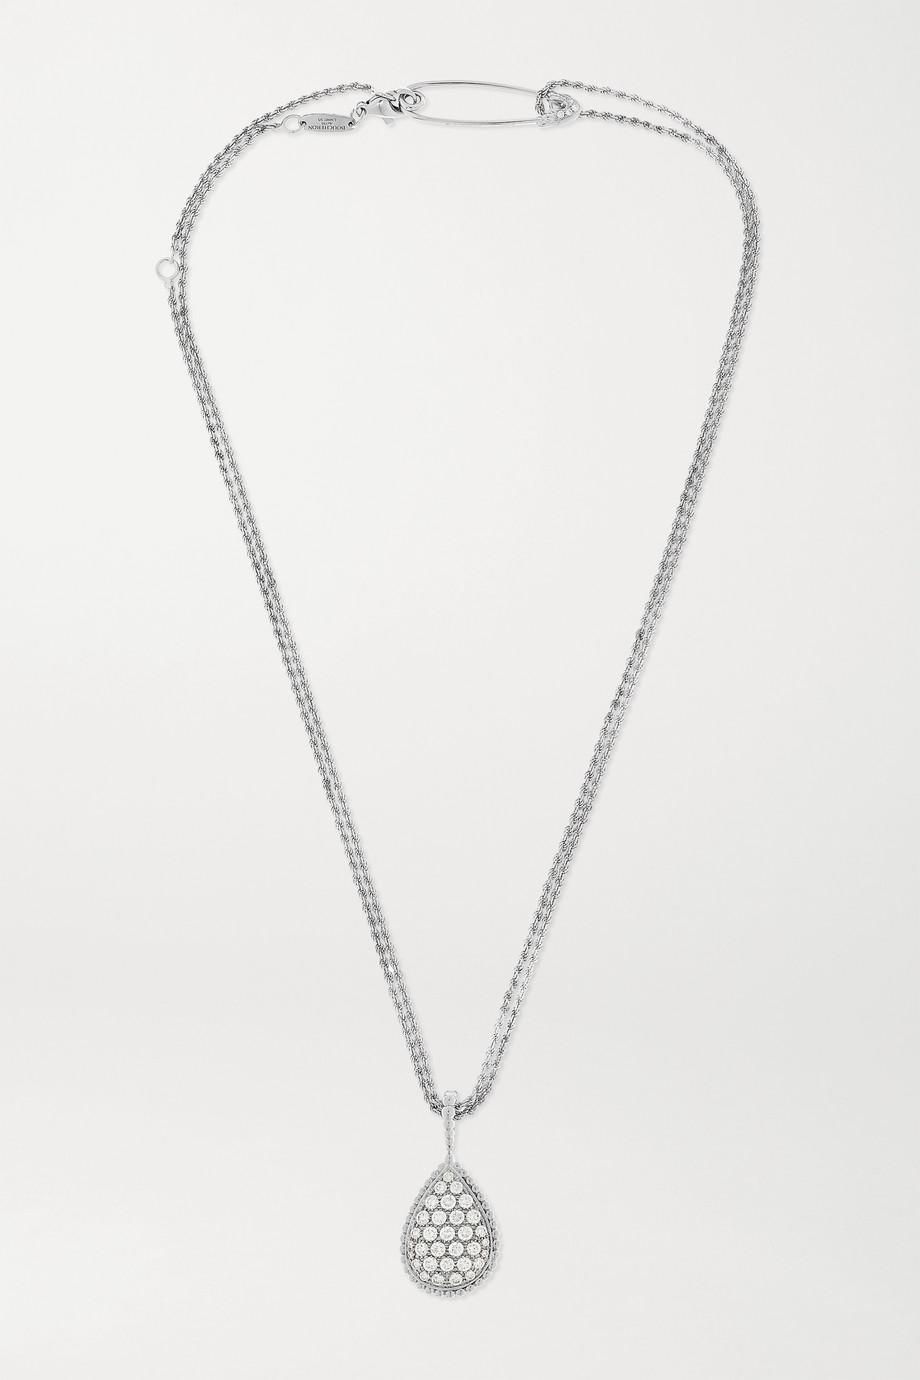 Boucheron Serpent Bohème lange Kette aus 18 Karat Weißgold mit Diamanten